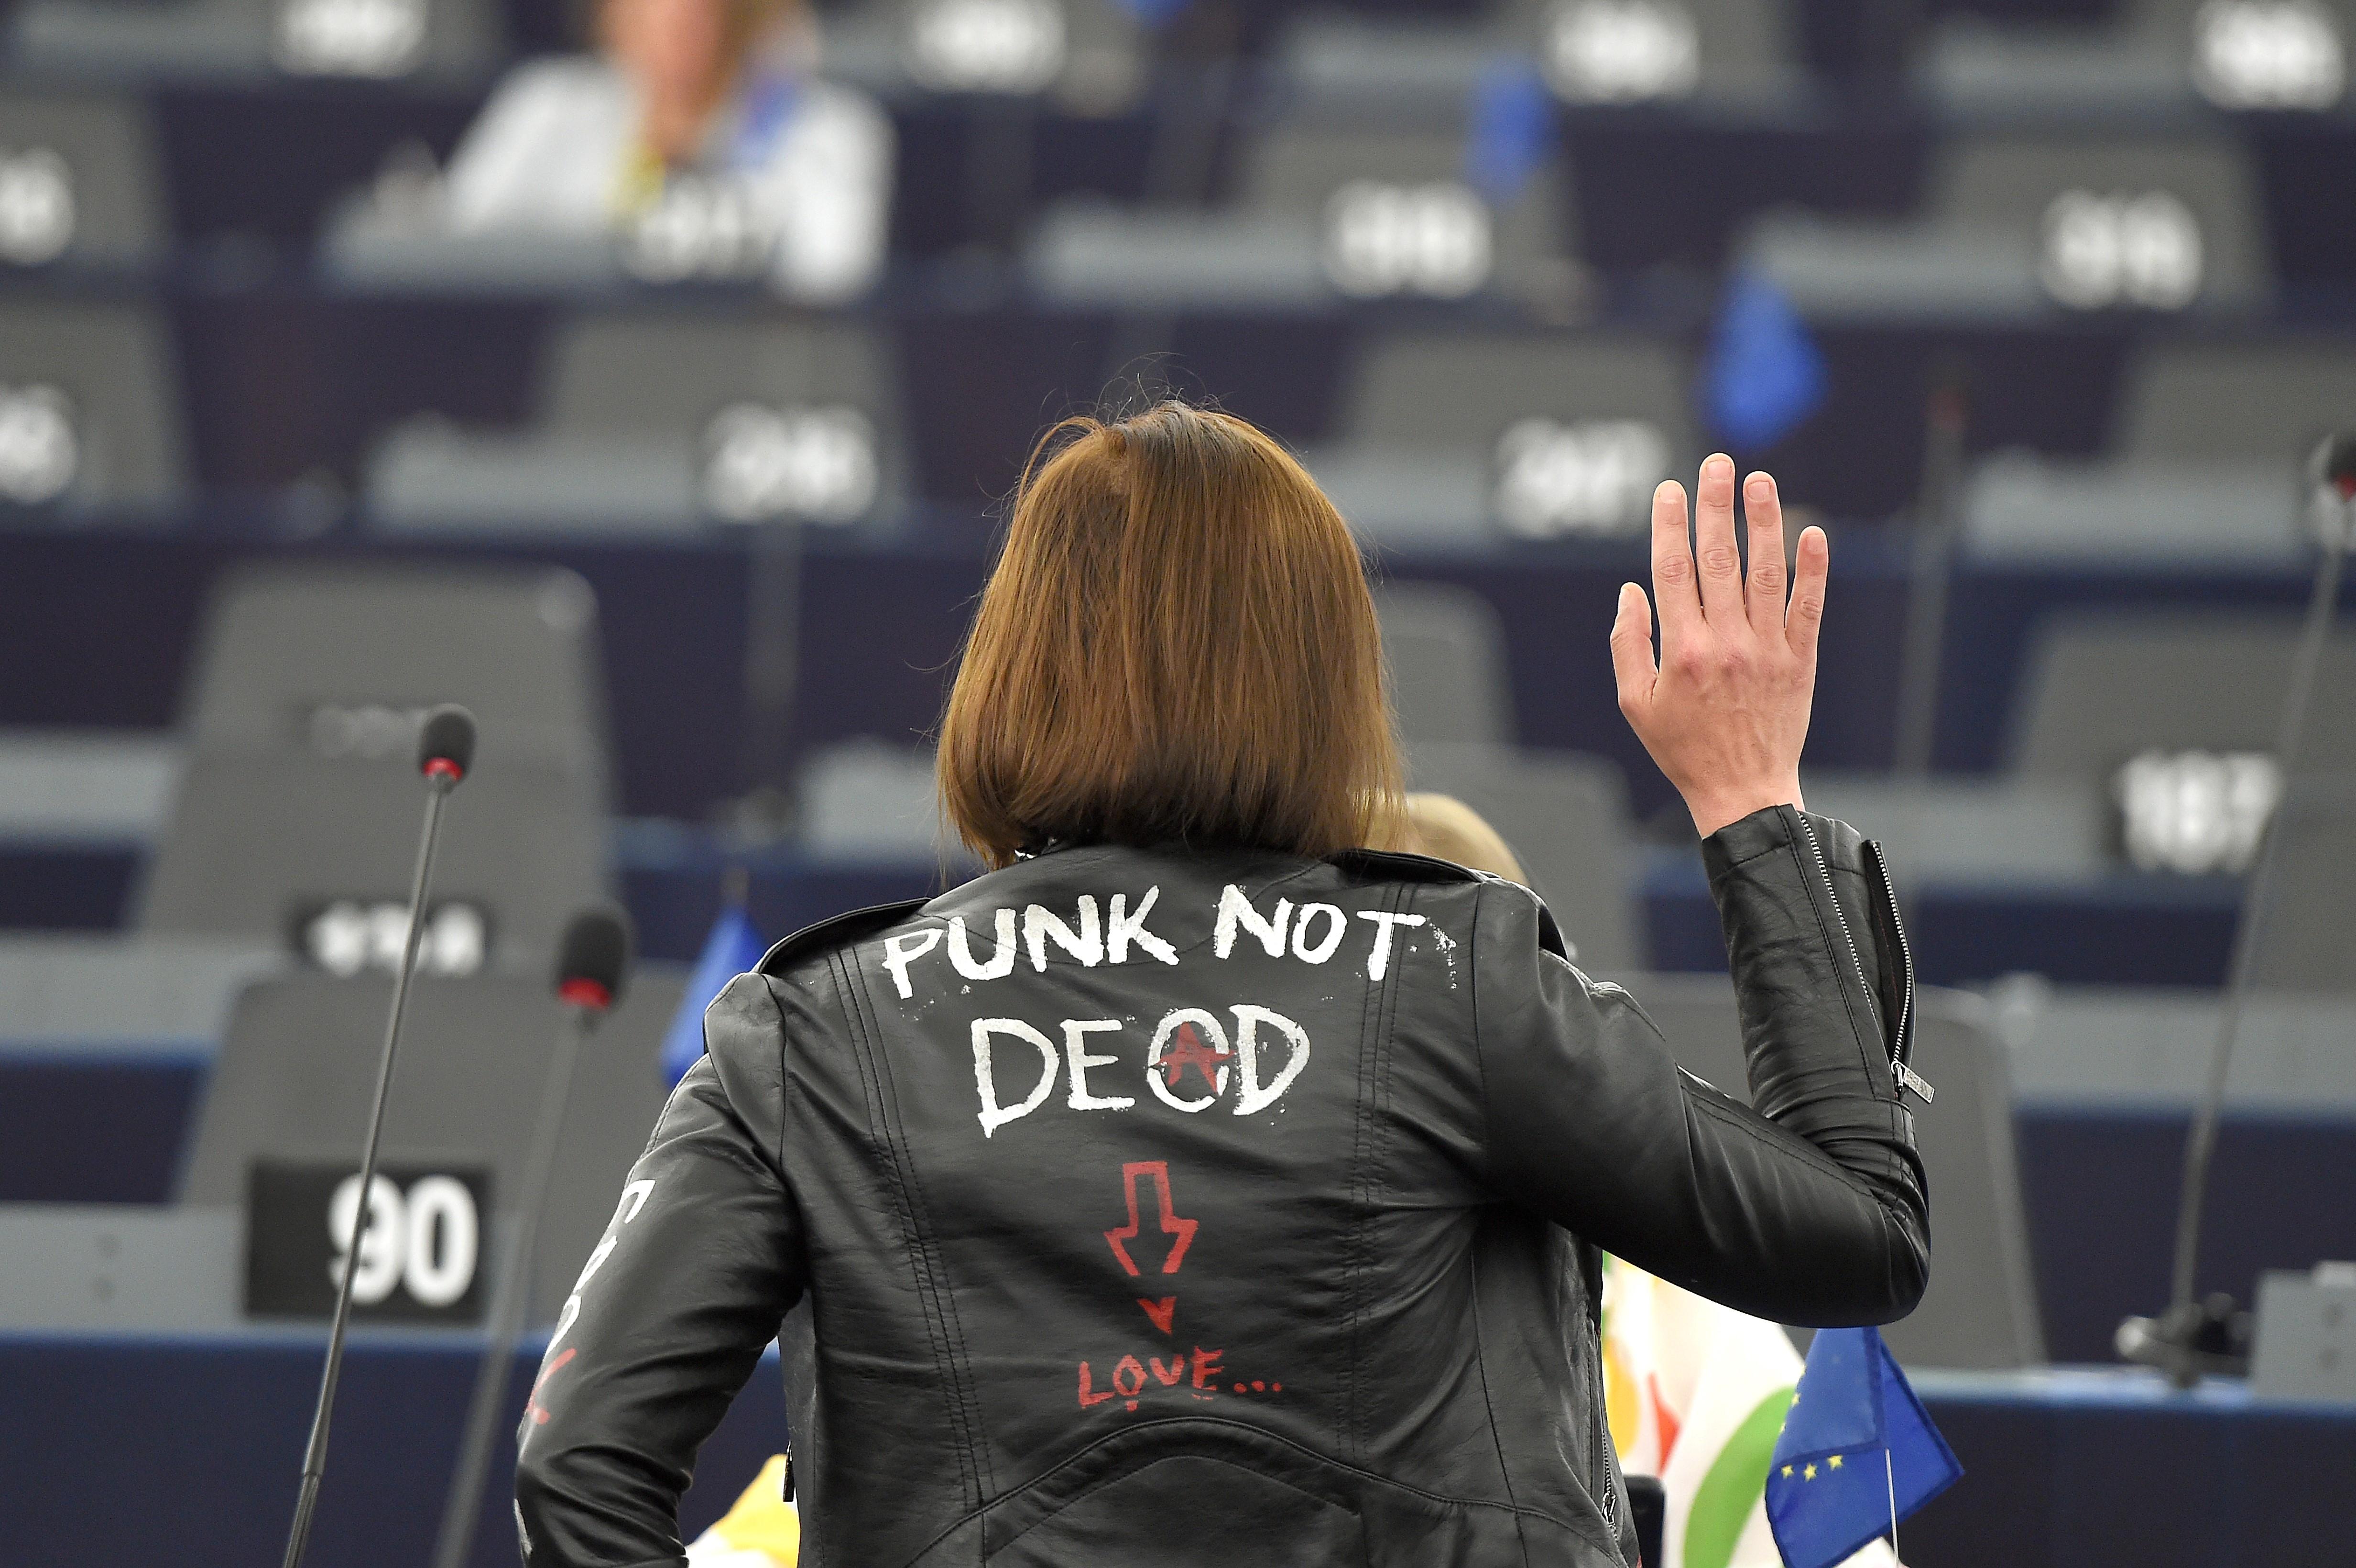 Kihozta a punkot a fideszes alelnökből az Európai Parlament